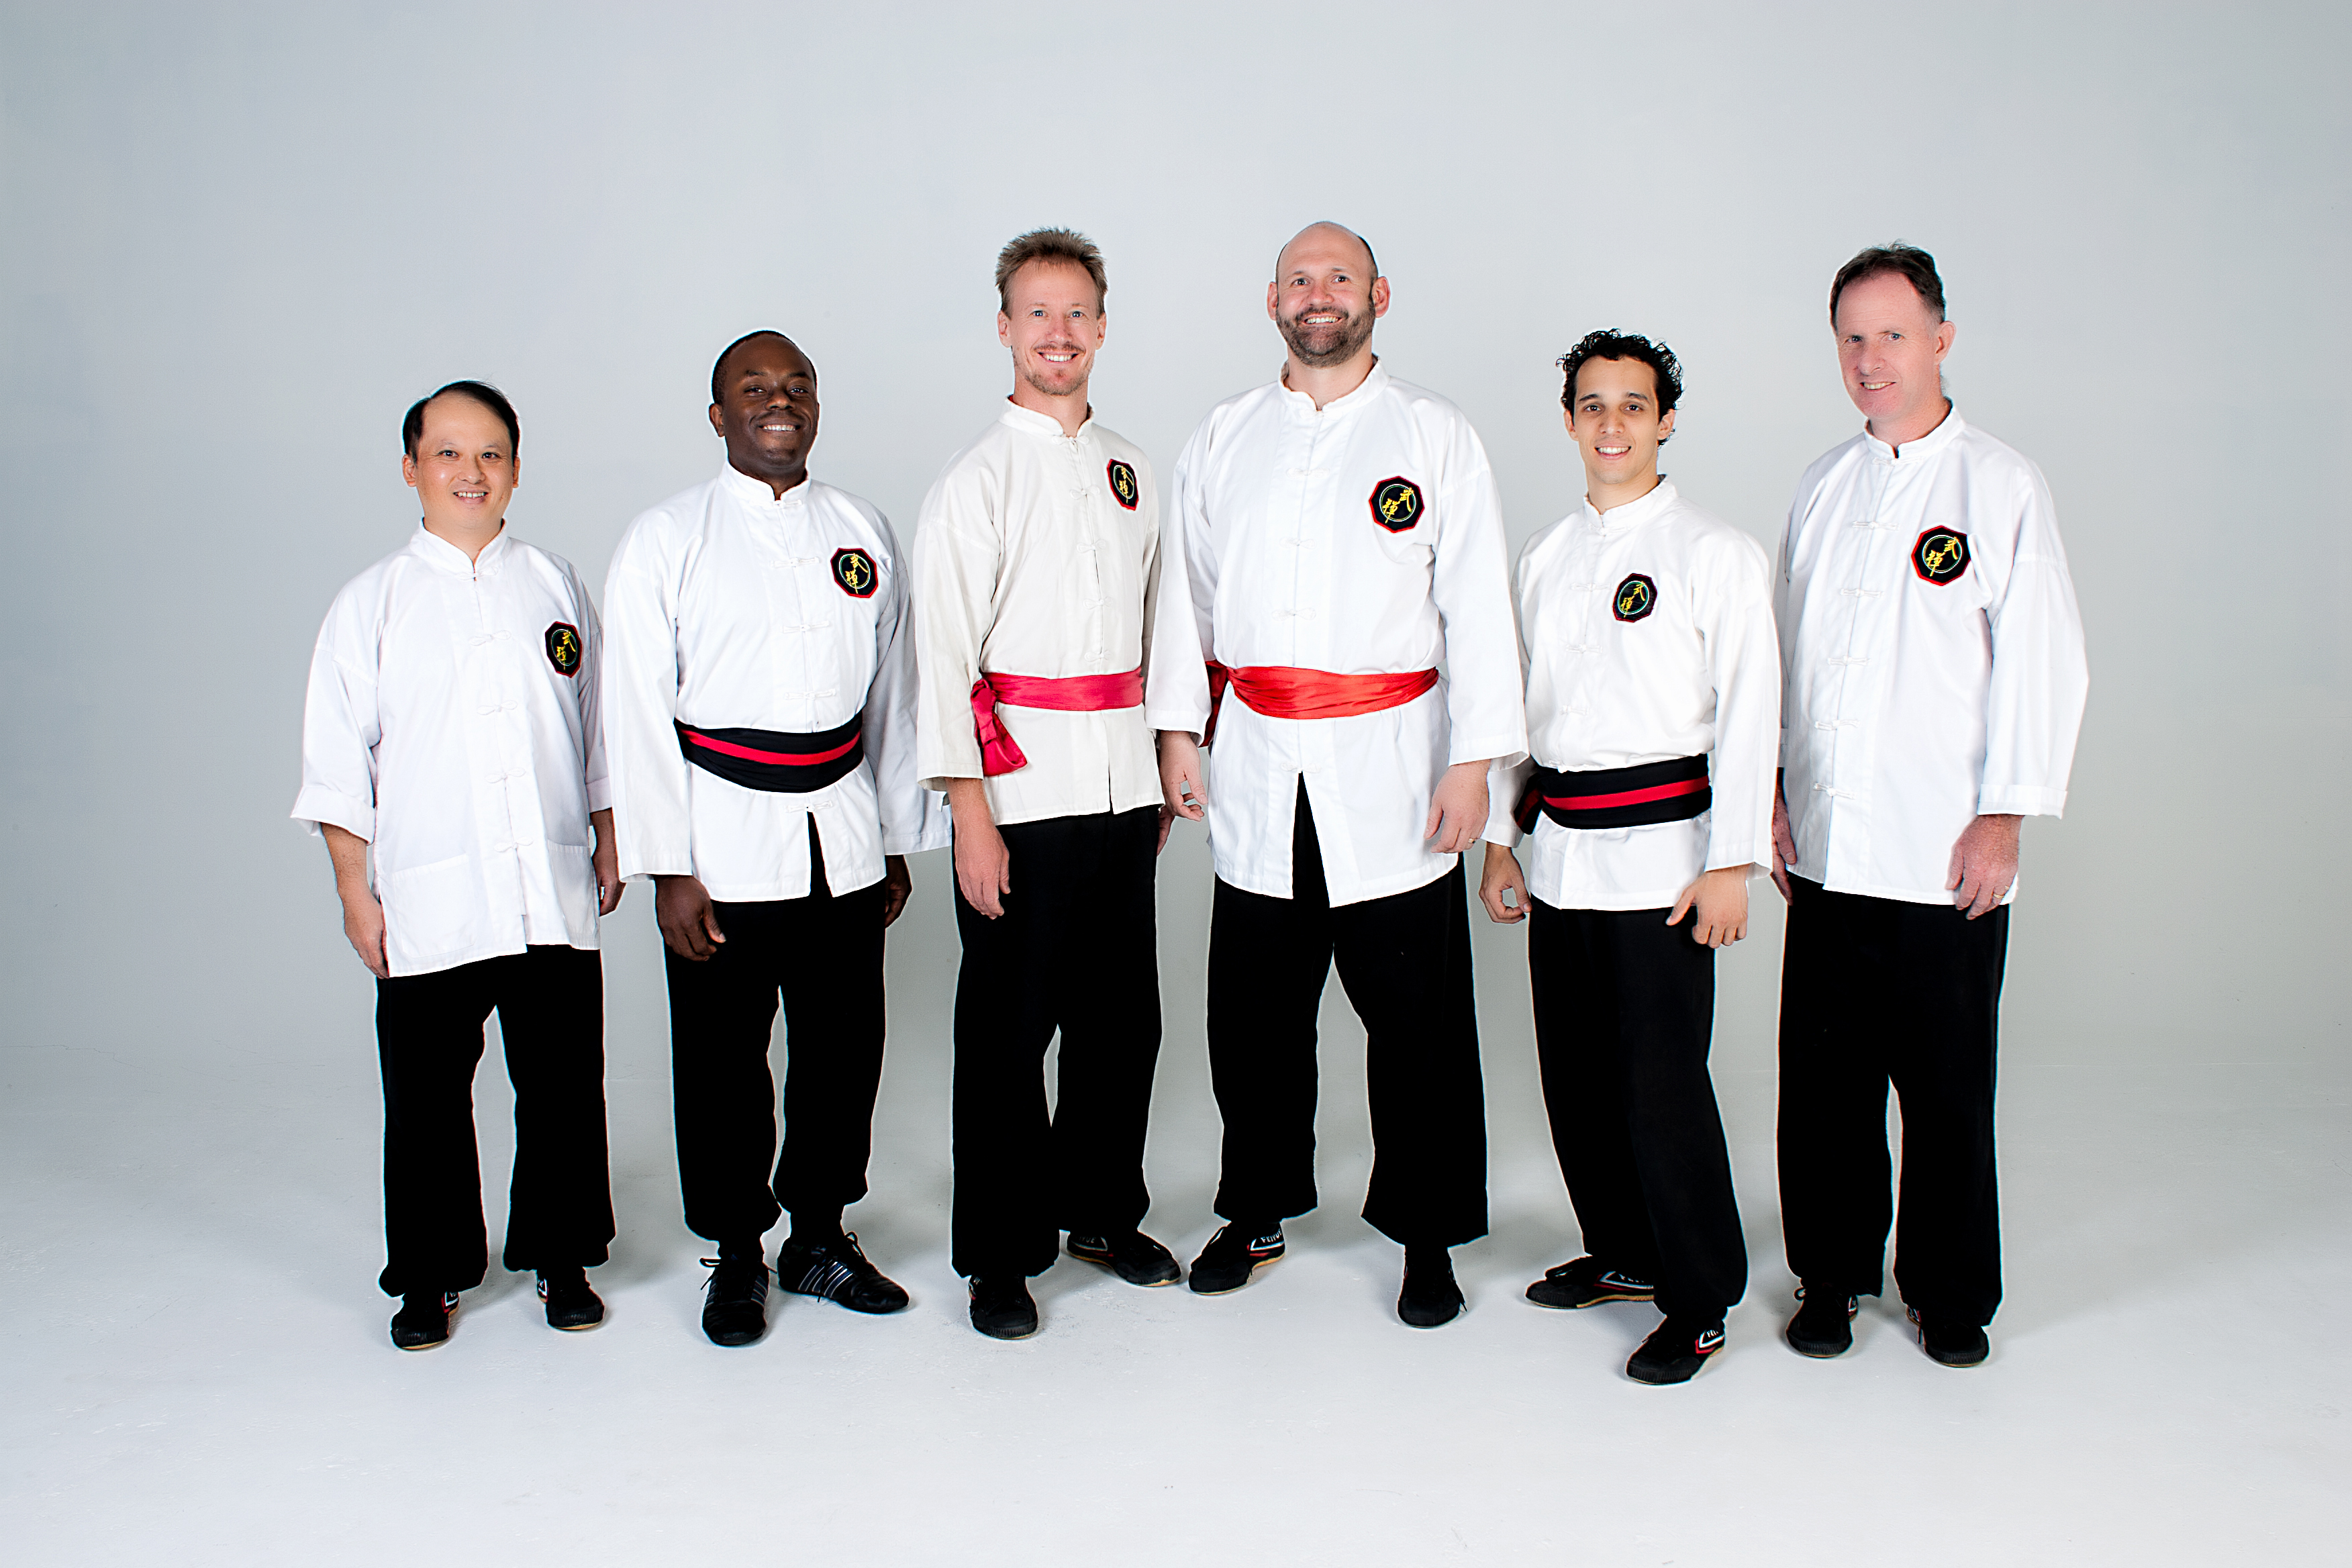 Shifu Kevin, Shi Xiong Richard, Shifu Jason, Shifu Peter, Shi Xiong Vincent, Shifu Richard